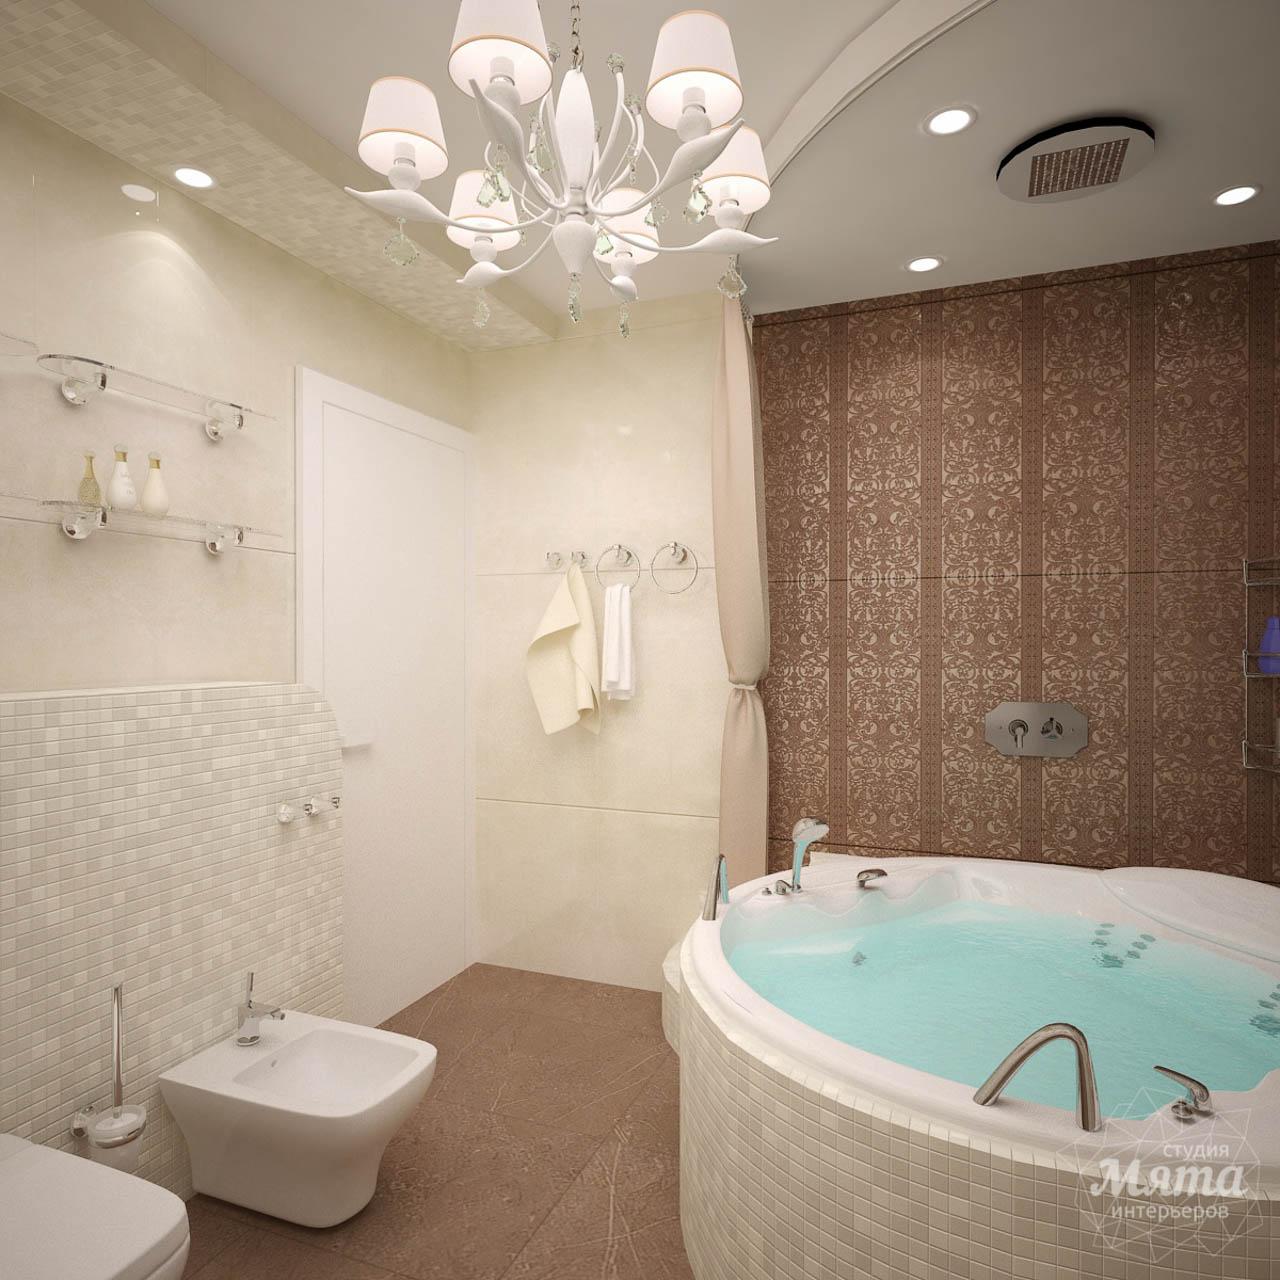 Дизайн интерьера четырехкомнатной квартиры по ул. Шевченко 18 img1716096935